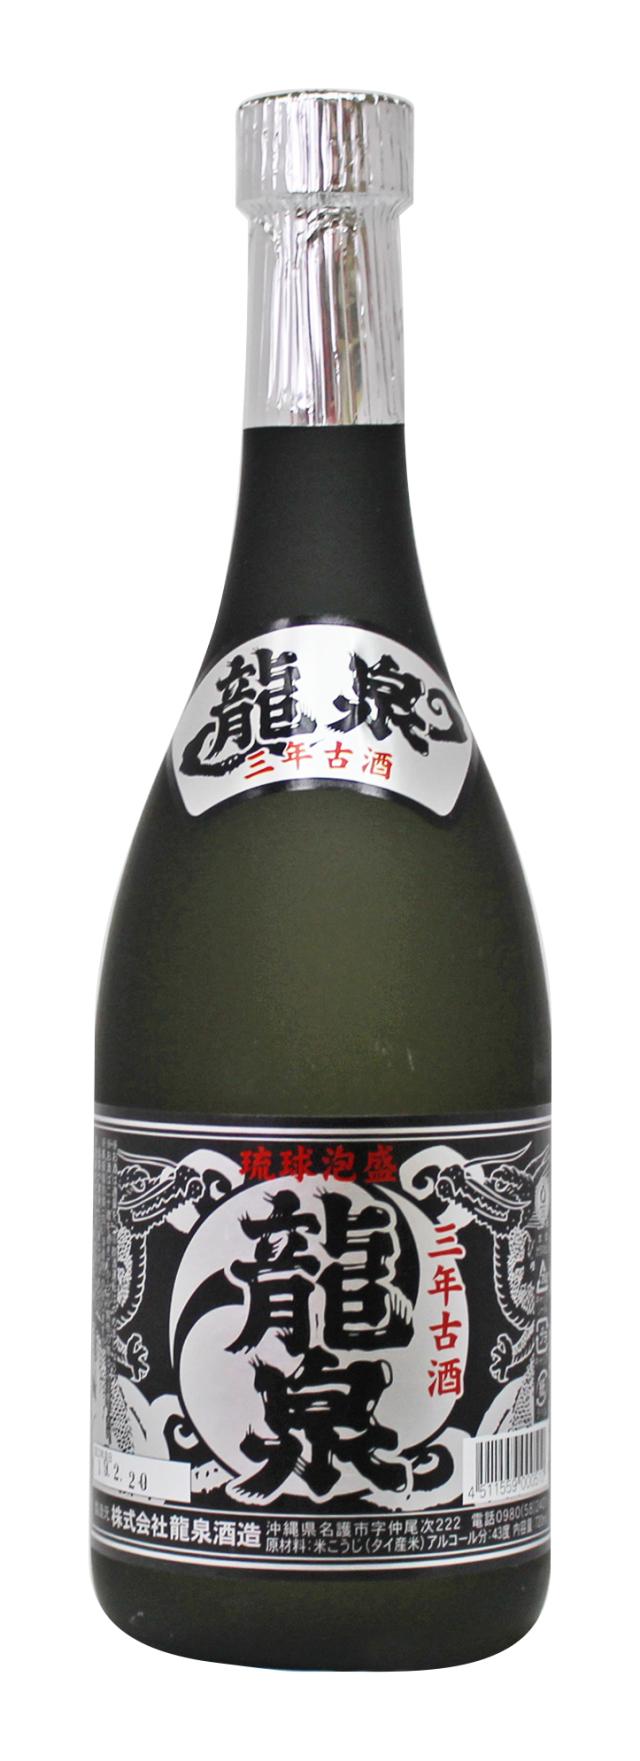 龍泉 3年古酒 43度 720ml